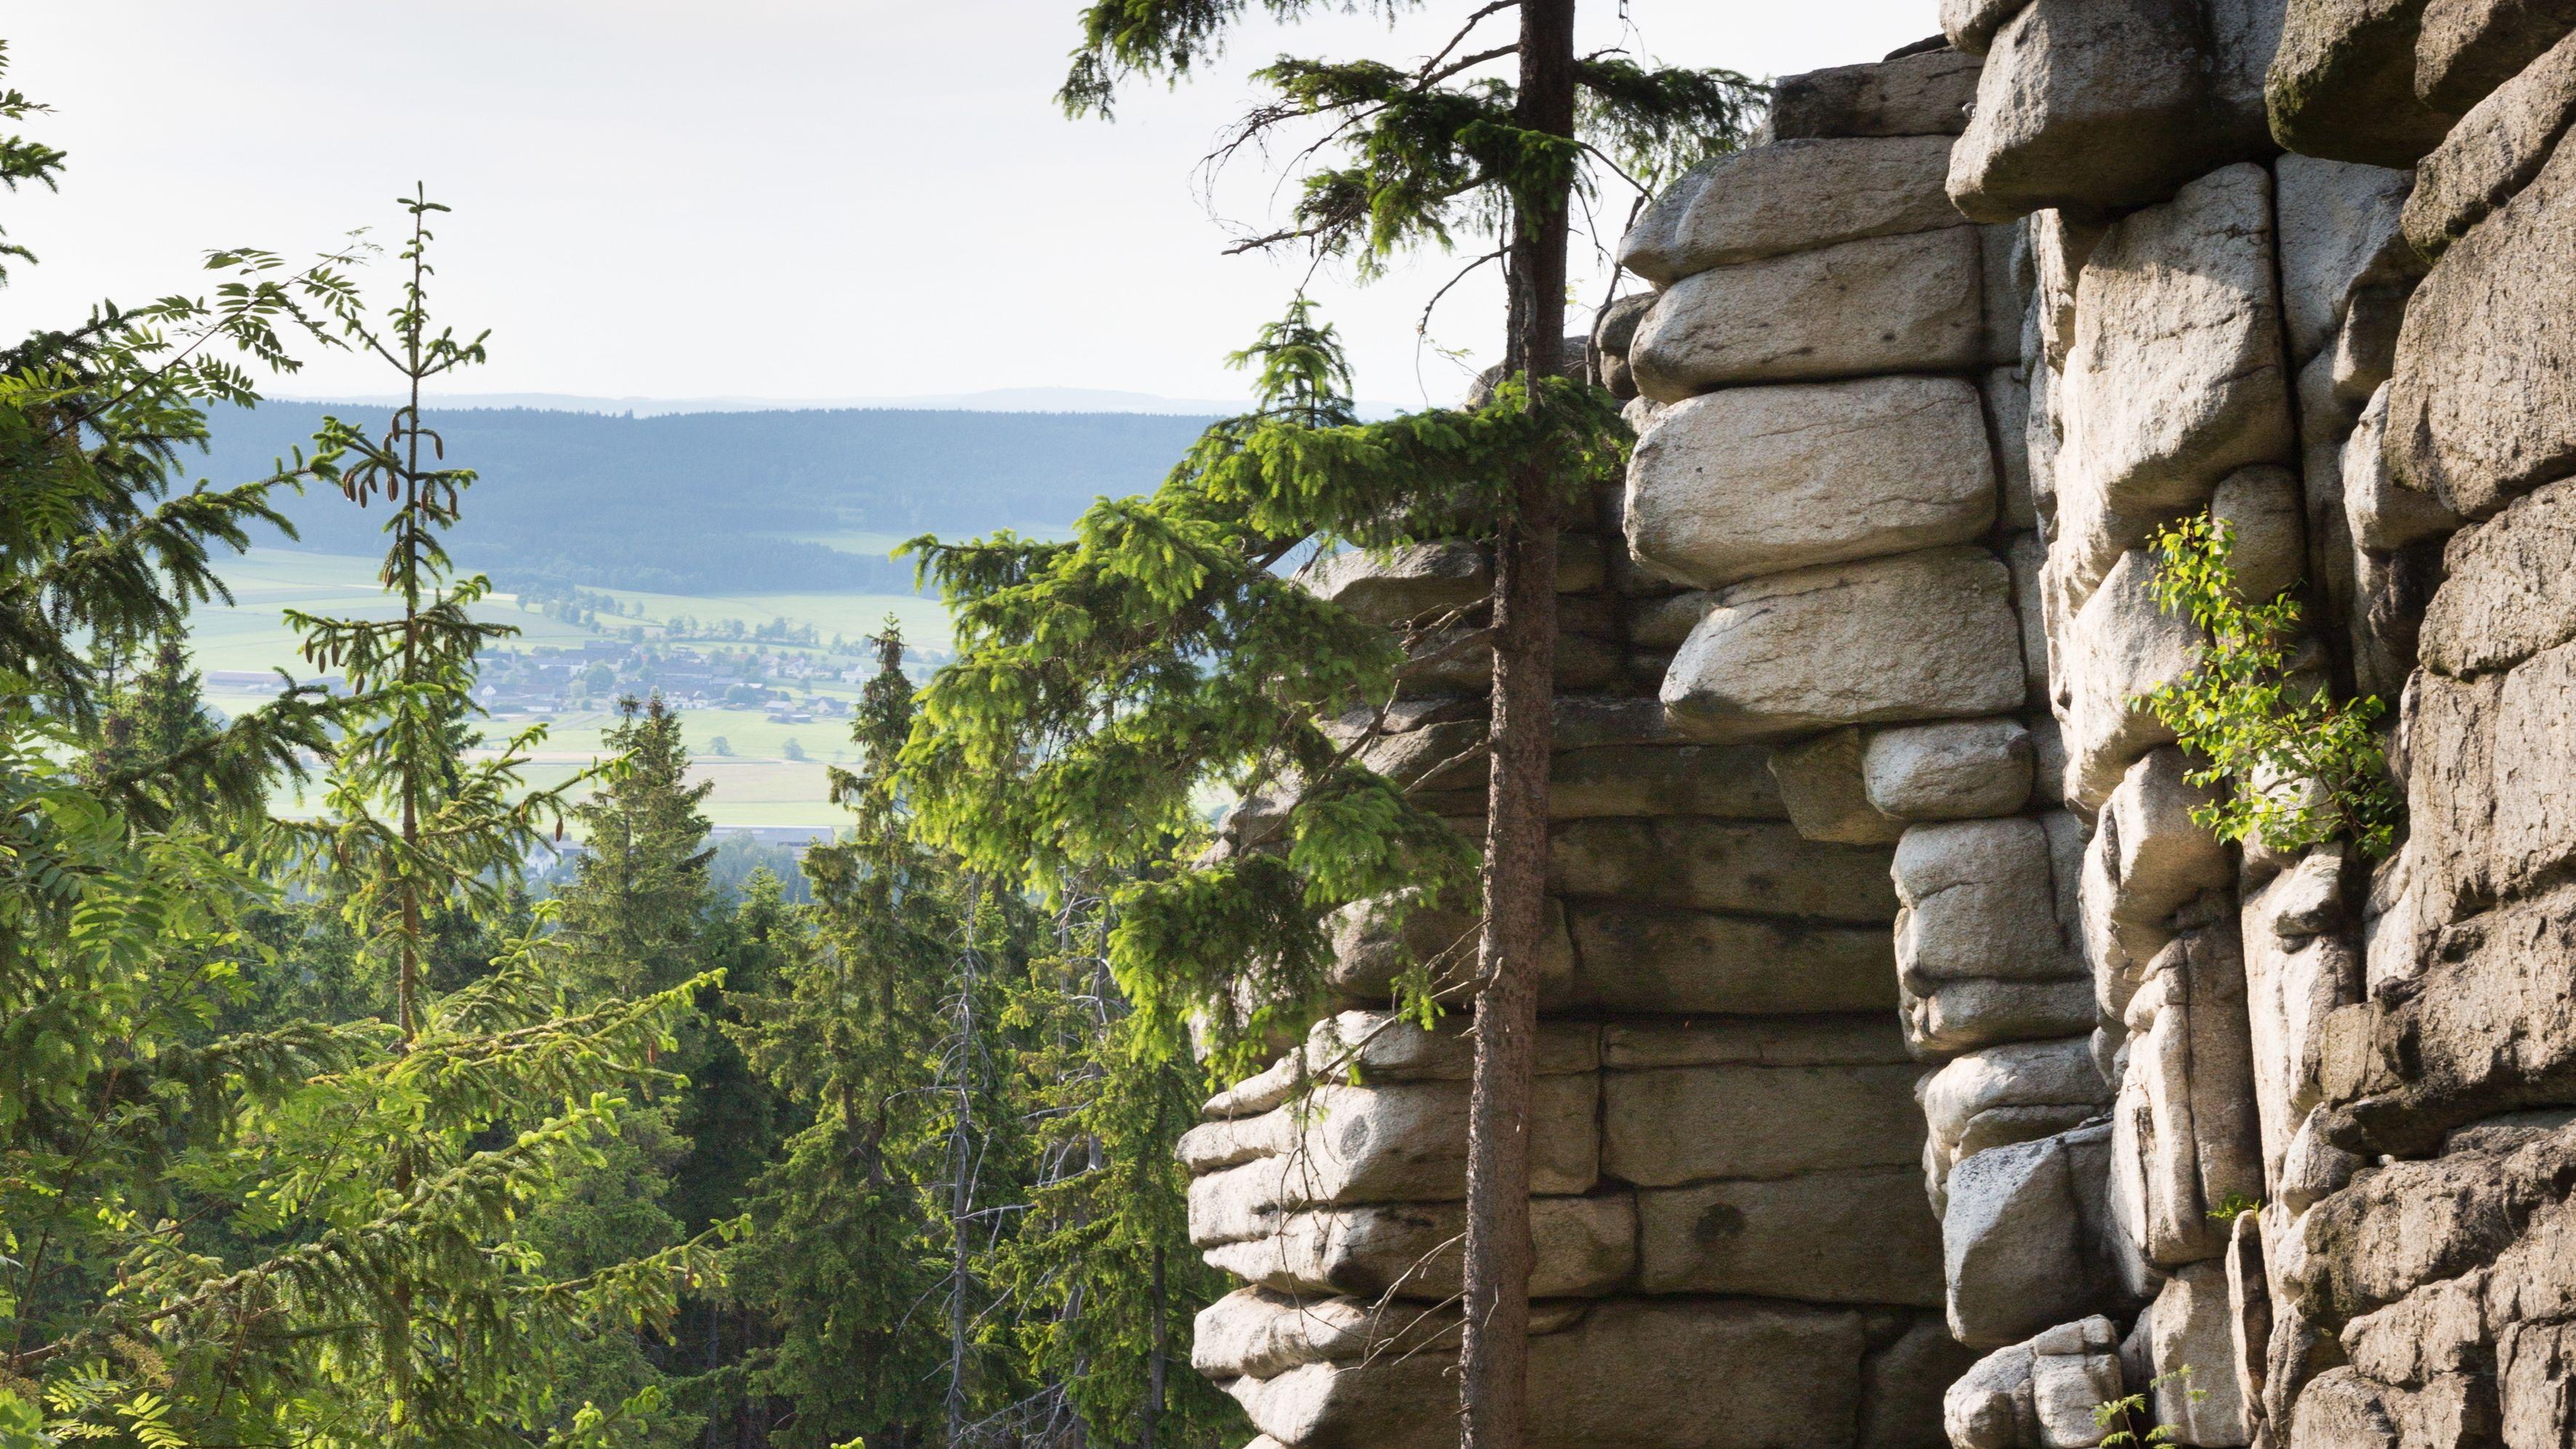 Die Drei-Brüder-Felsen im Fichtelgebirge sind nicht nur für Kletterer spannend.